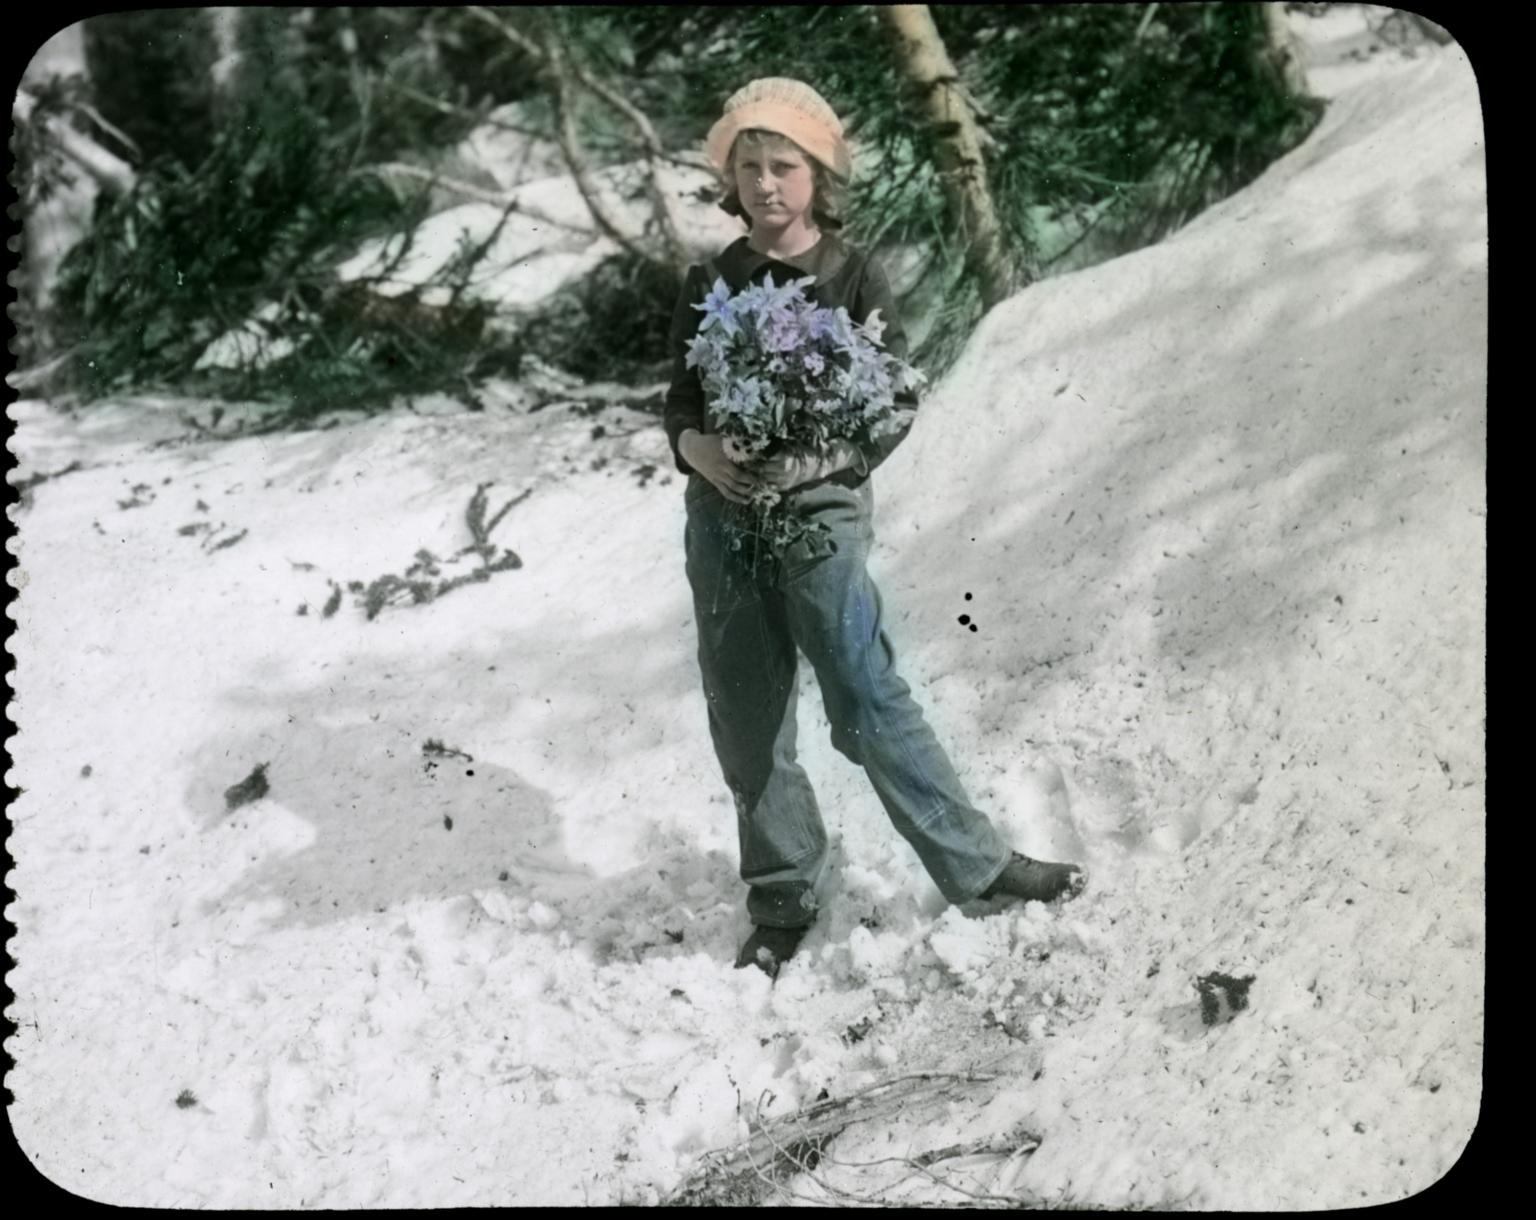 Barbara Figgins in the Snow